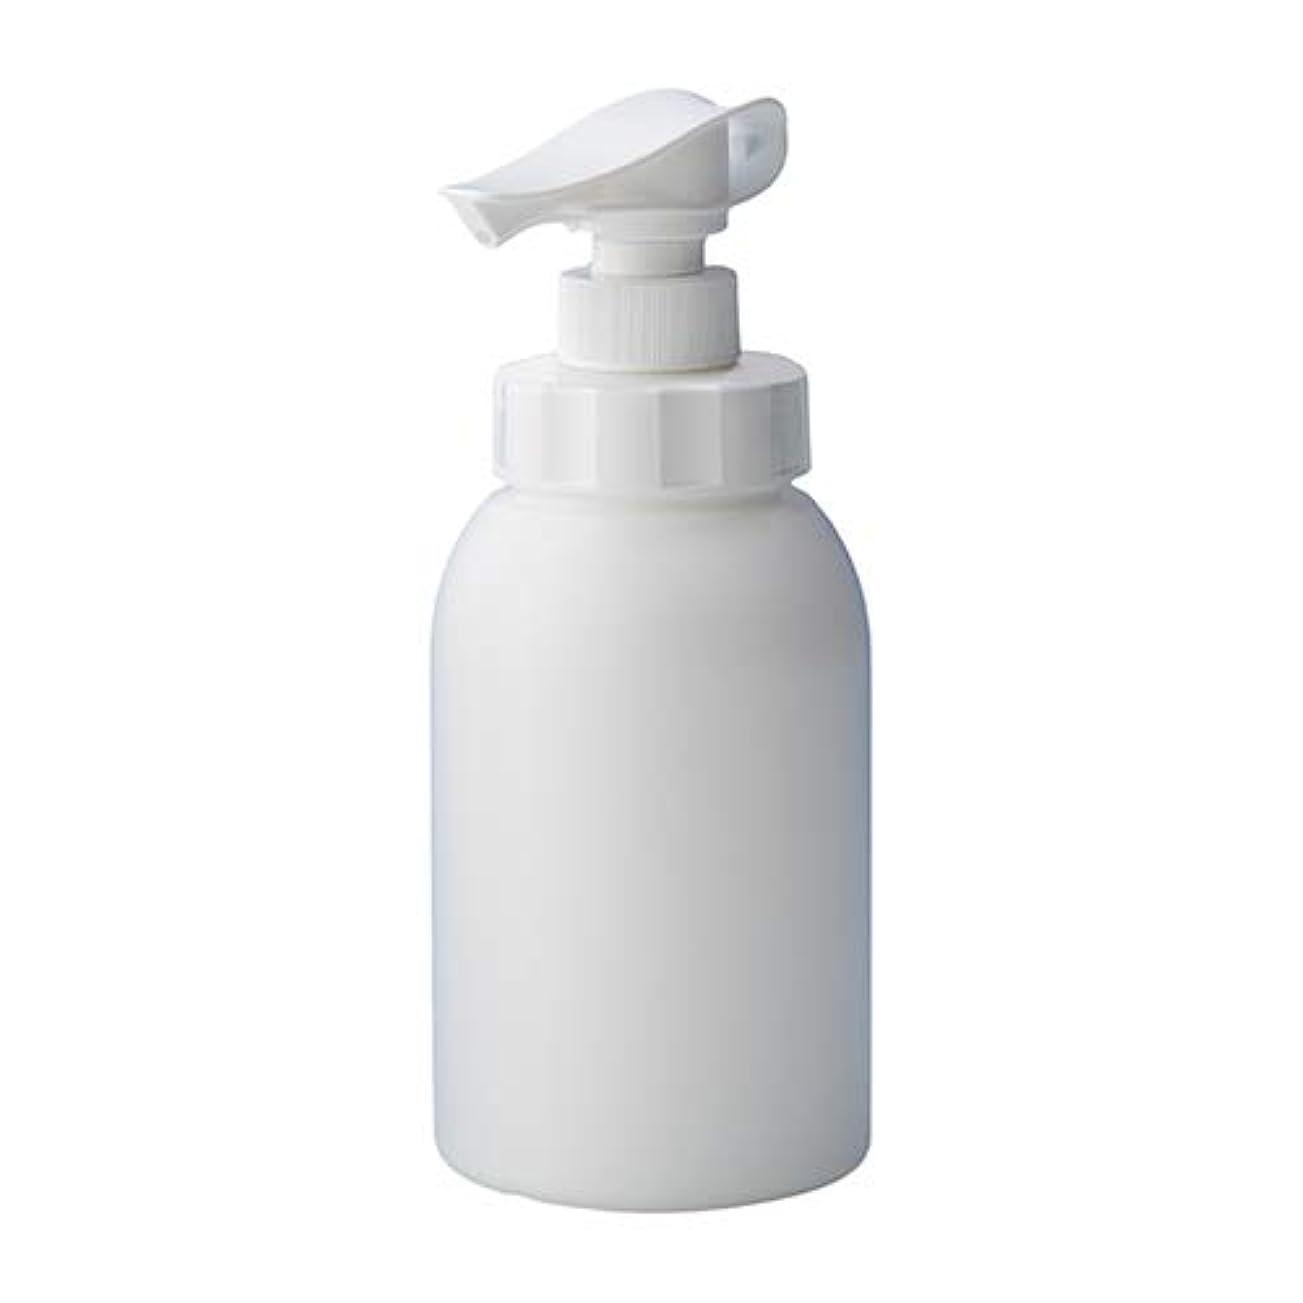 小石カメラ調査押すだけで泡が出る 安定感のある 泡ポンプボトル ボディソープ ハンドソープ 600ml詰め替え容器 ホワイト 10個セット